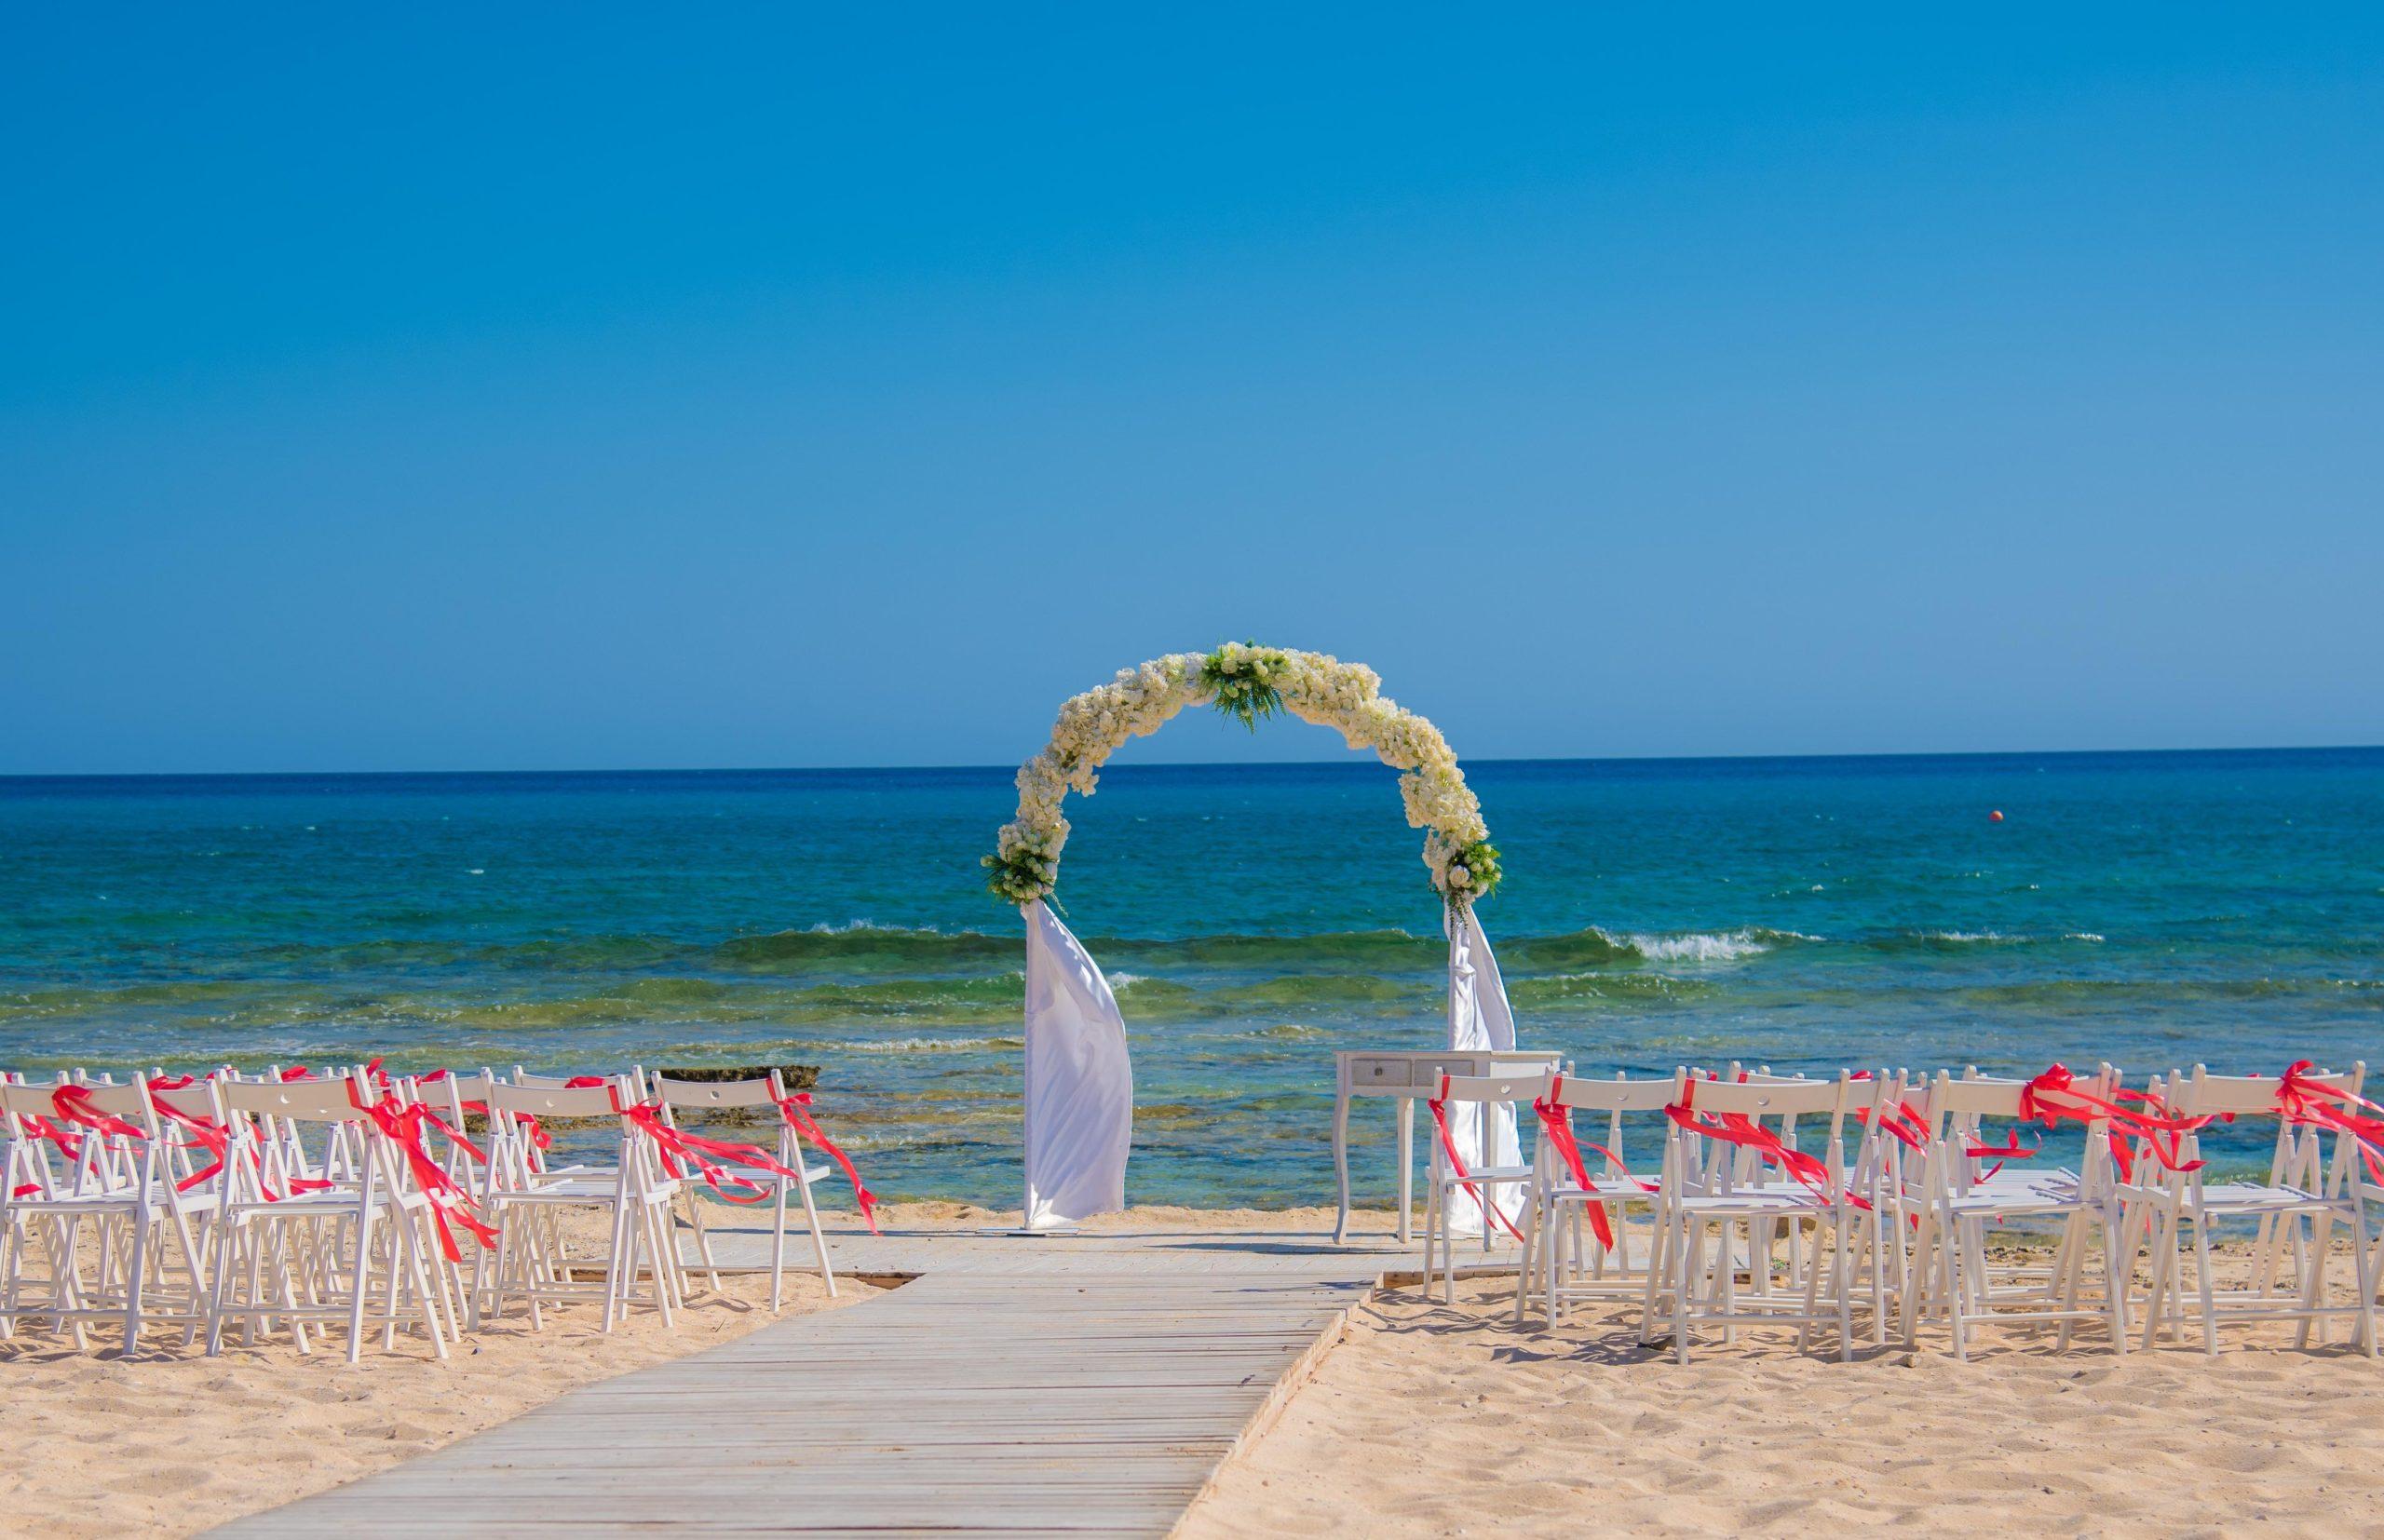 Sirines Beach Wooden chairs